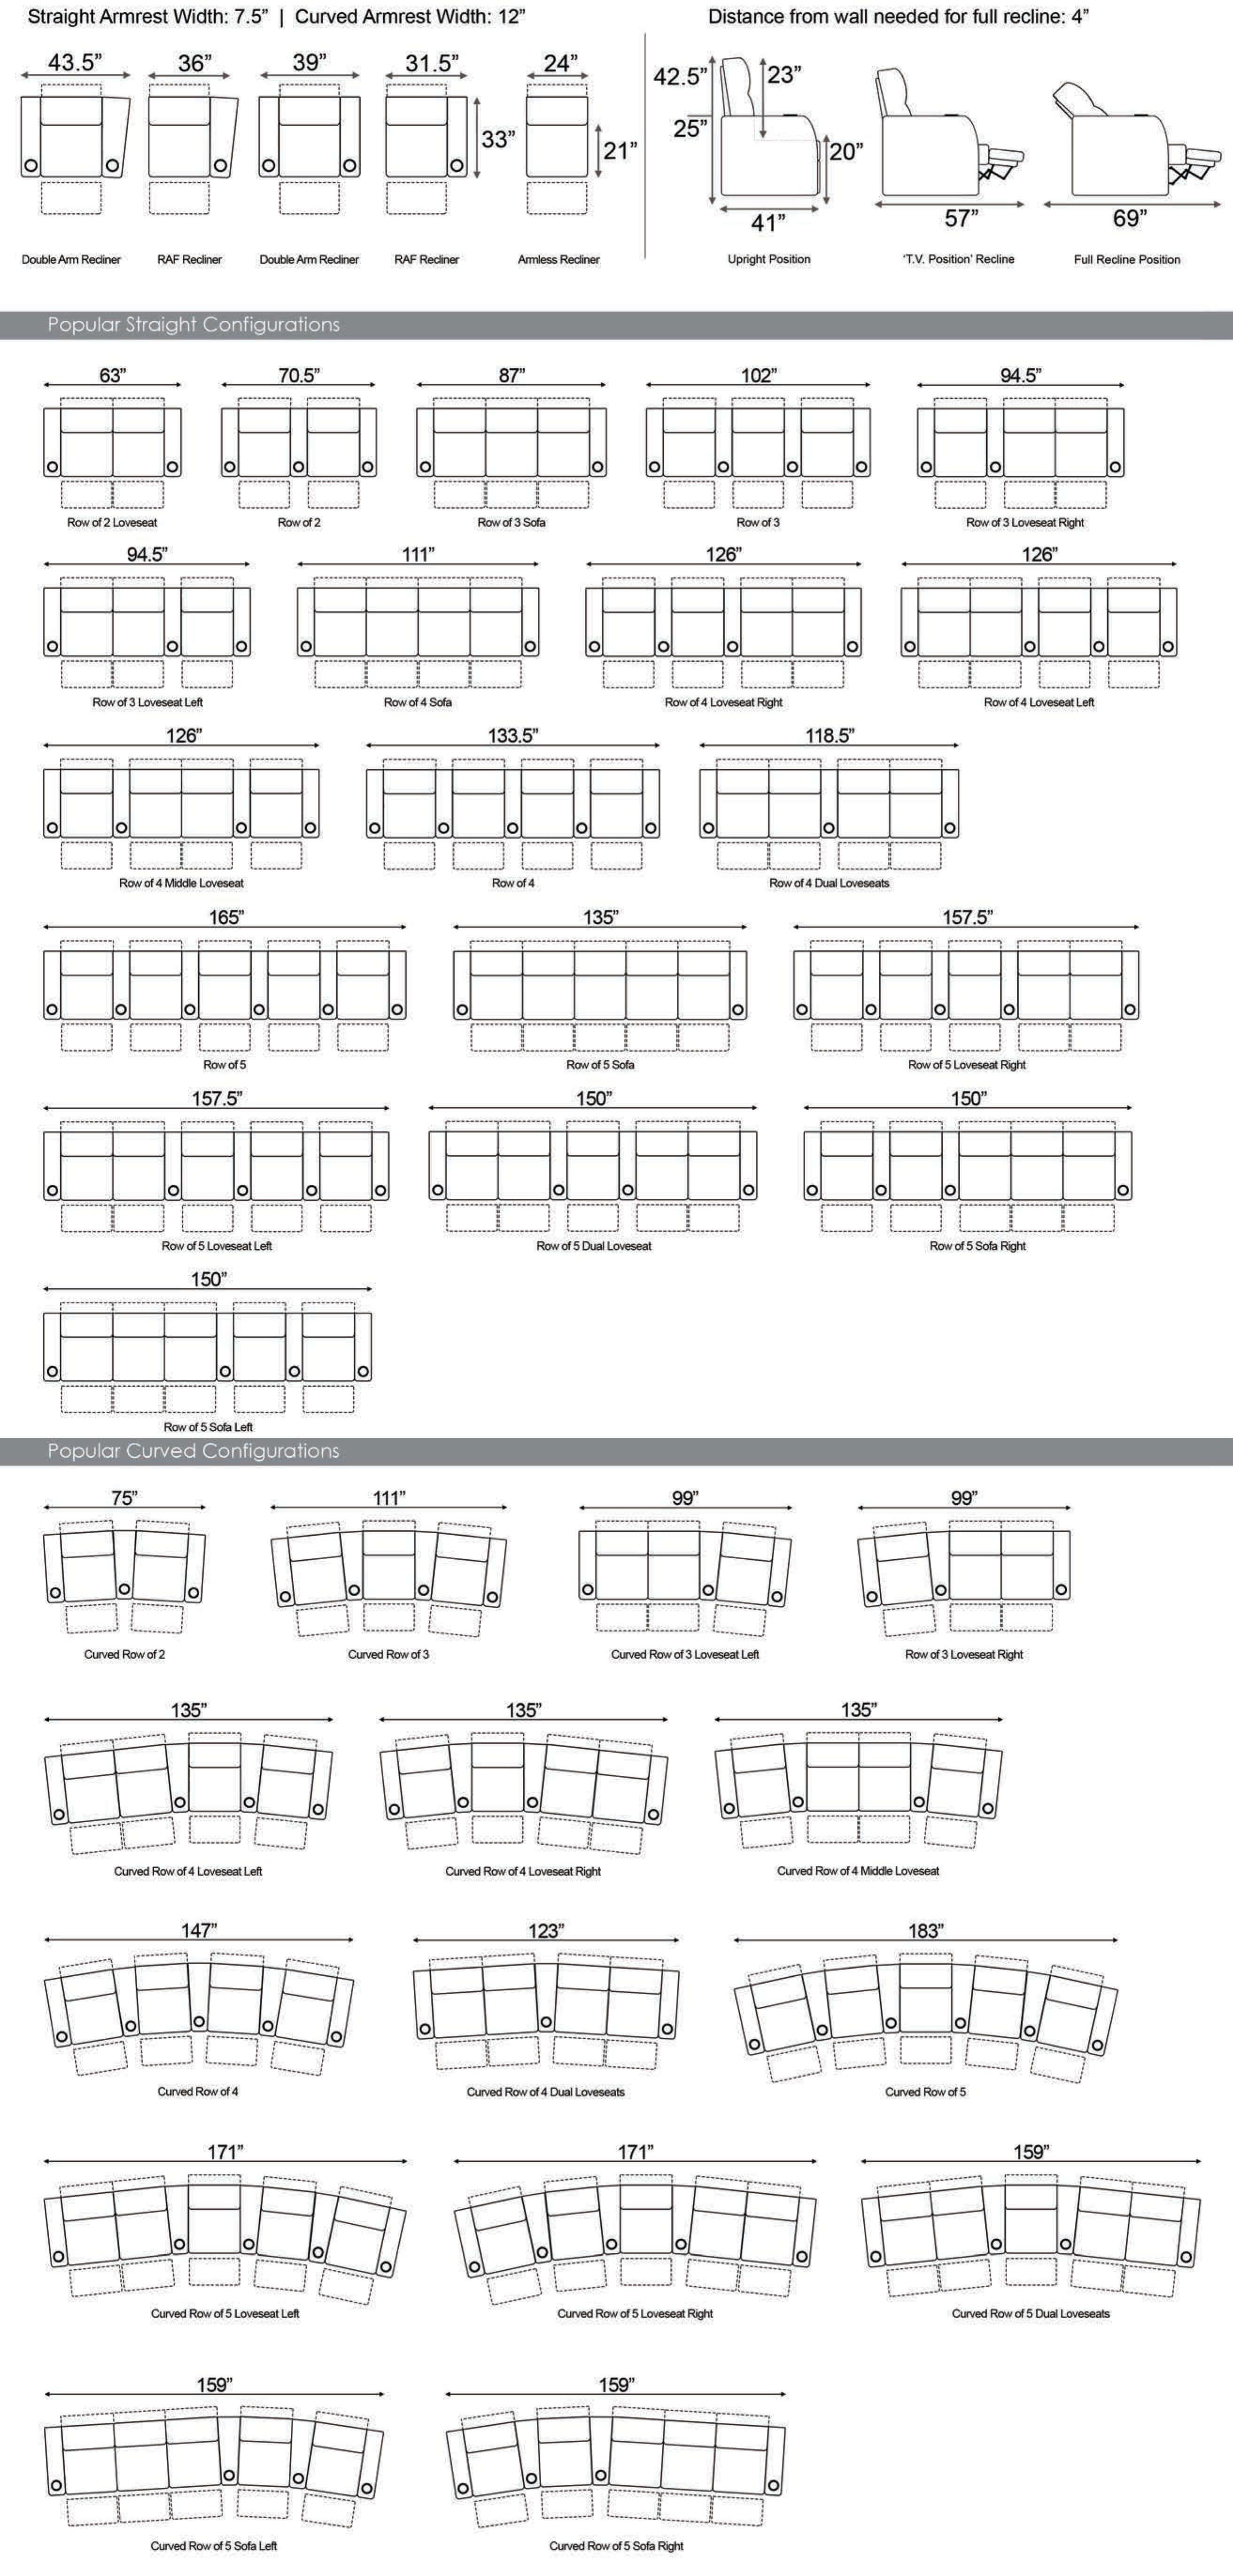 Seatcraft Monaco Dimensions